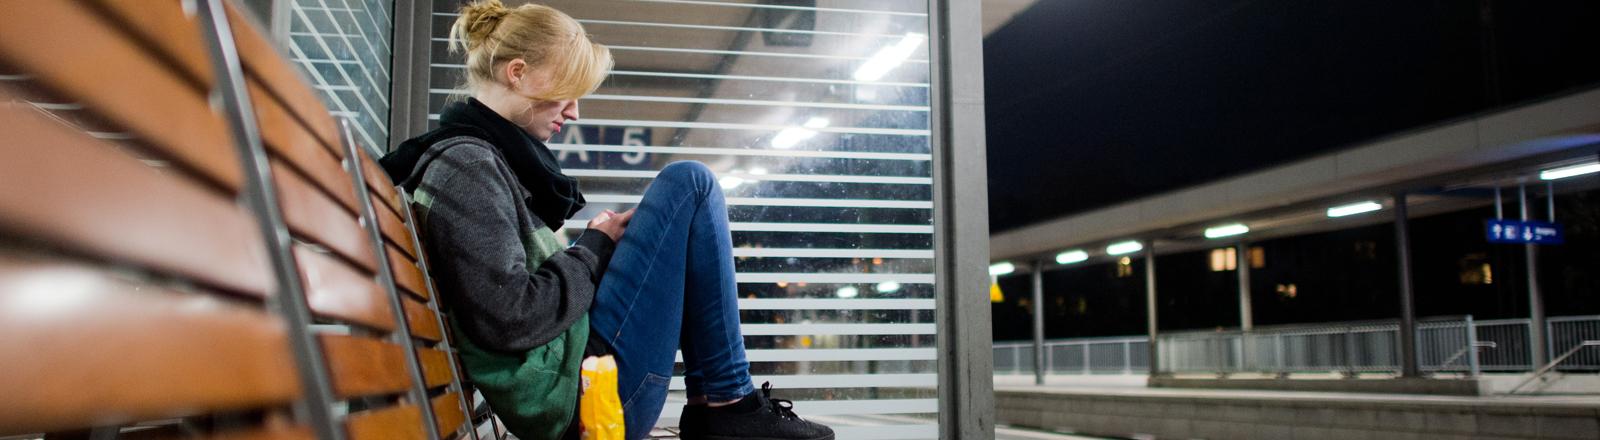 Eine junge Frau wartet am späten Abend vom 06.11.2014 am Bahnhof in Hildesheim (Niedersachsen) auf einen Zug.